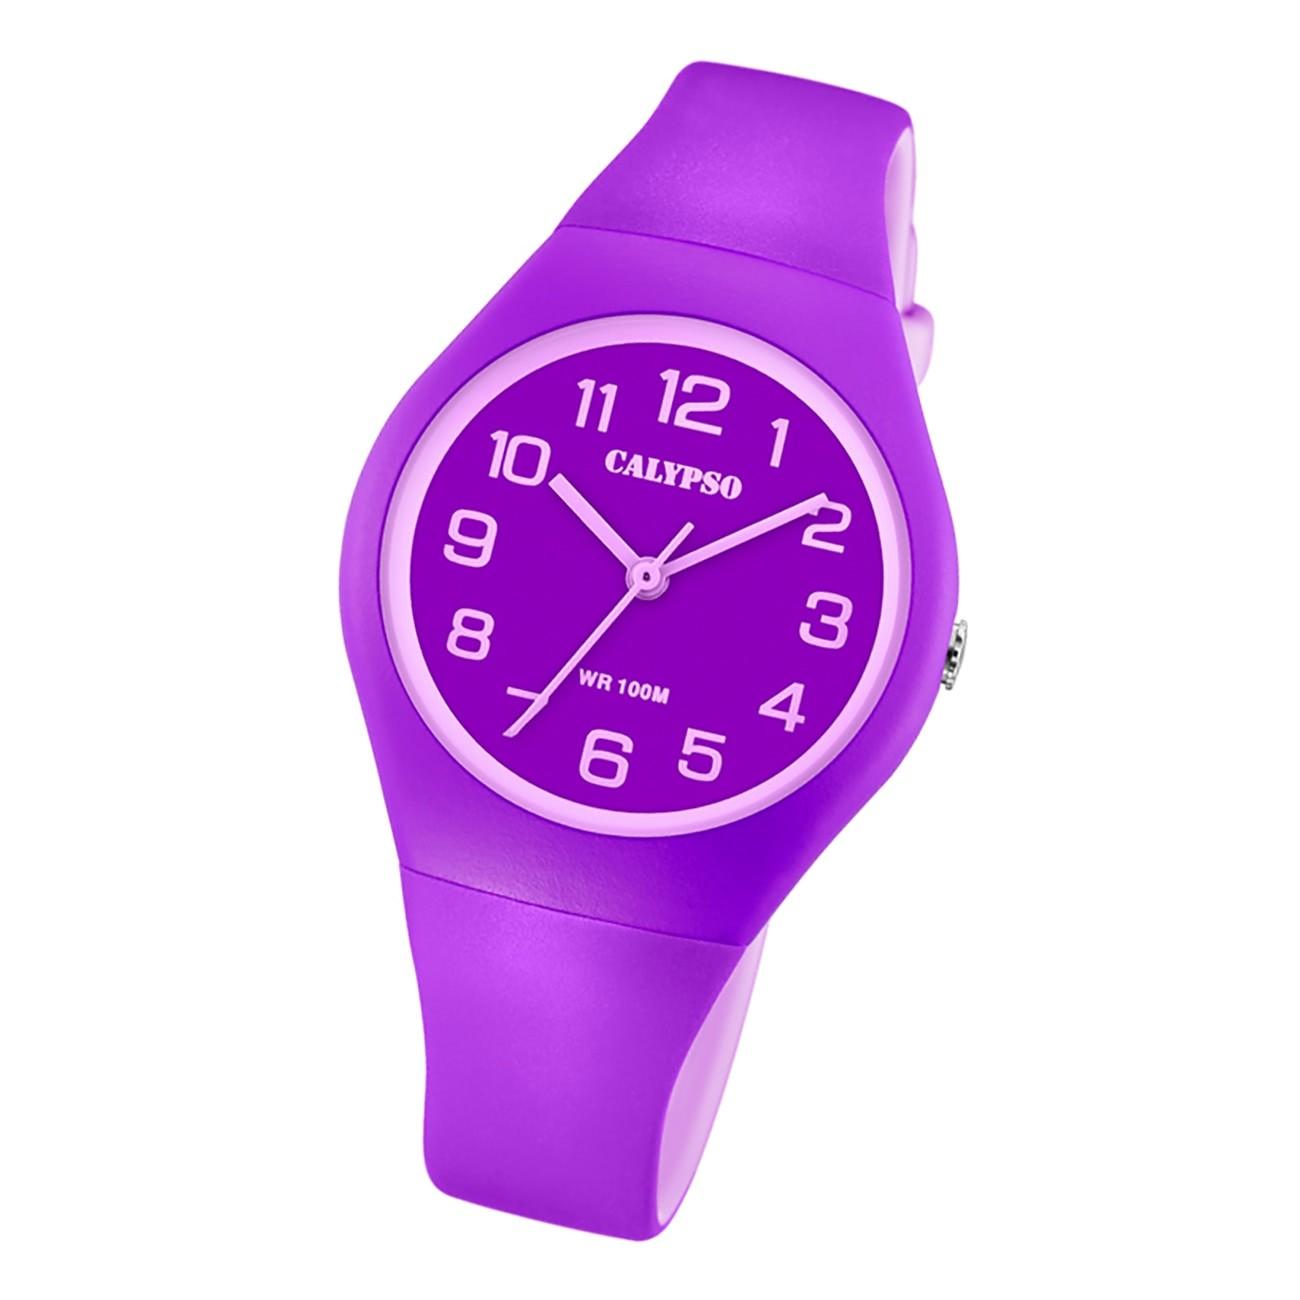 Calypso Damen Jugend Armbanduhr Fashion K5777/4 Analog Kunststoff lila UK5777/4